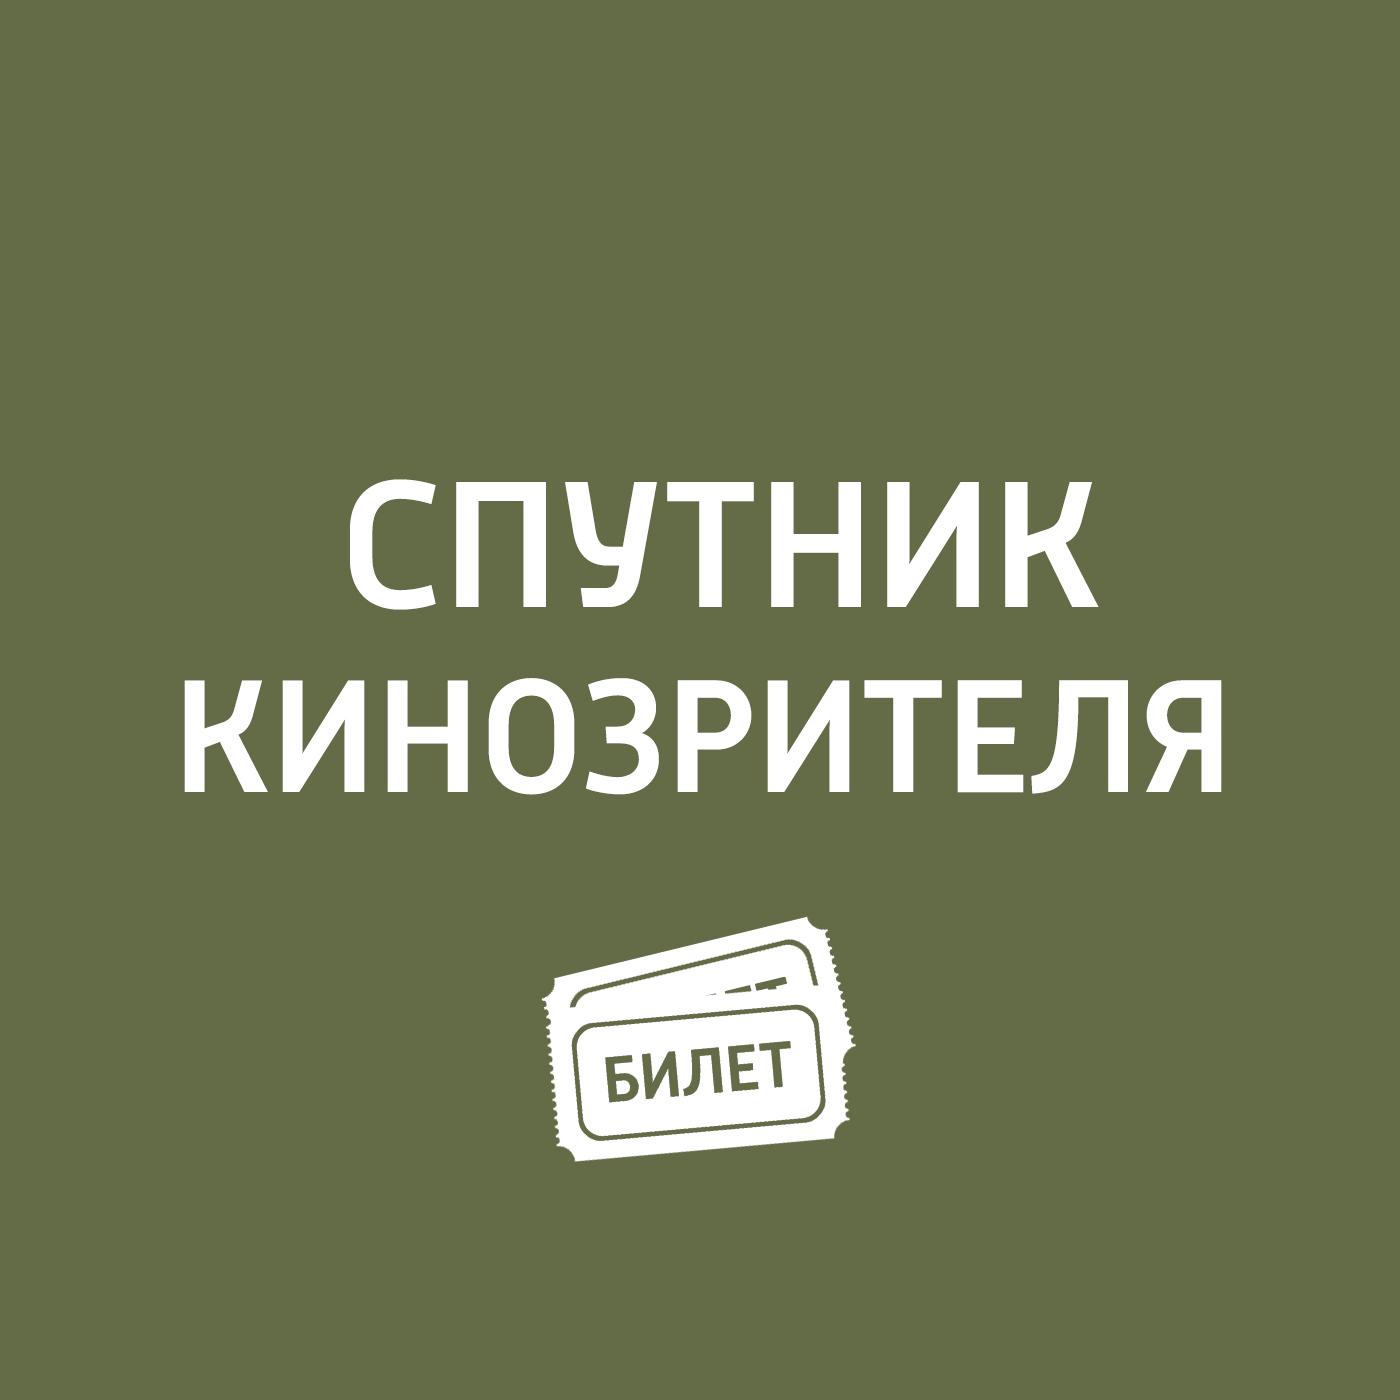 Антон Долин Лучший фильм про Иисуса Христа генератор ударник убг 7000 эс 5 5ква 25л 3000об мин